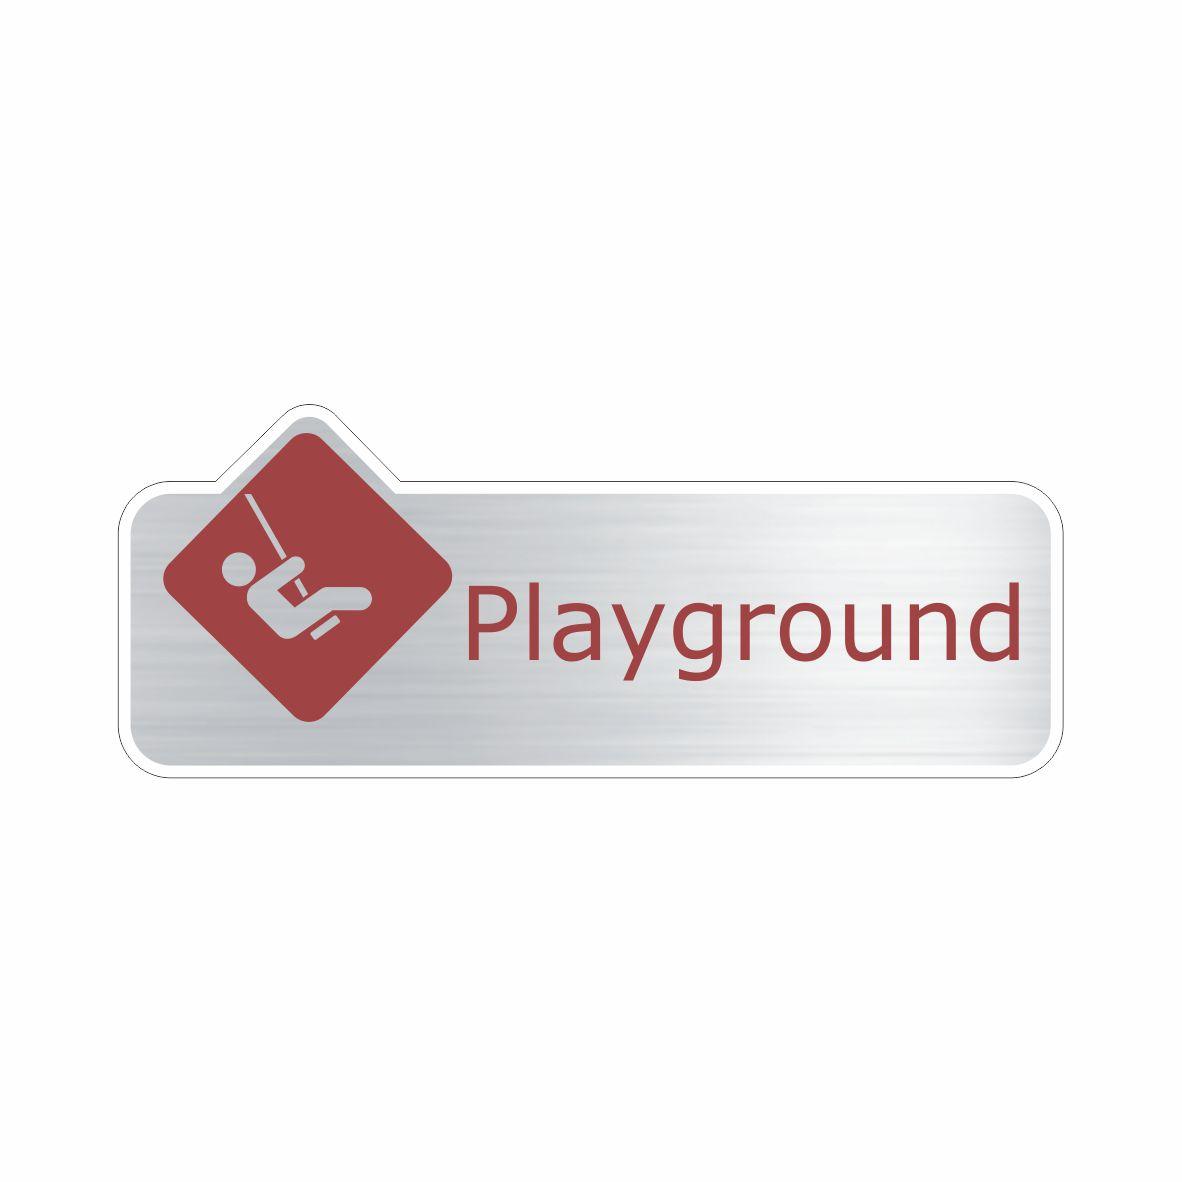 Playground  - Towbar Sinalização de Segurança